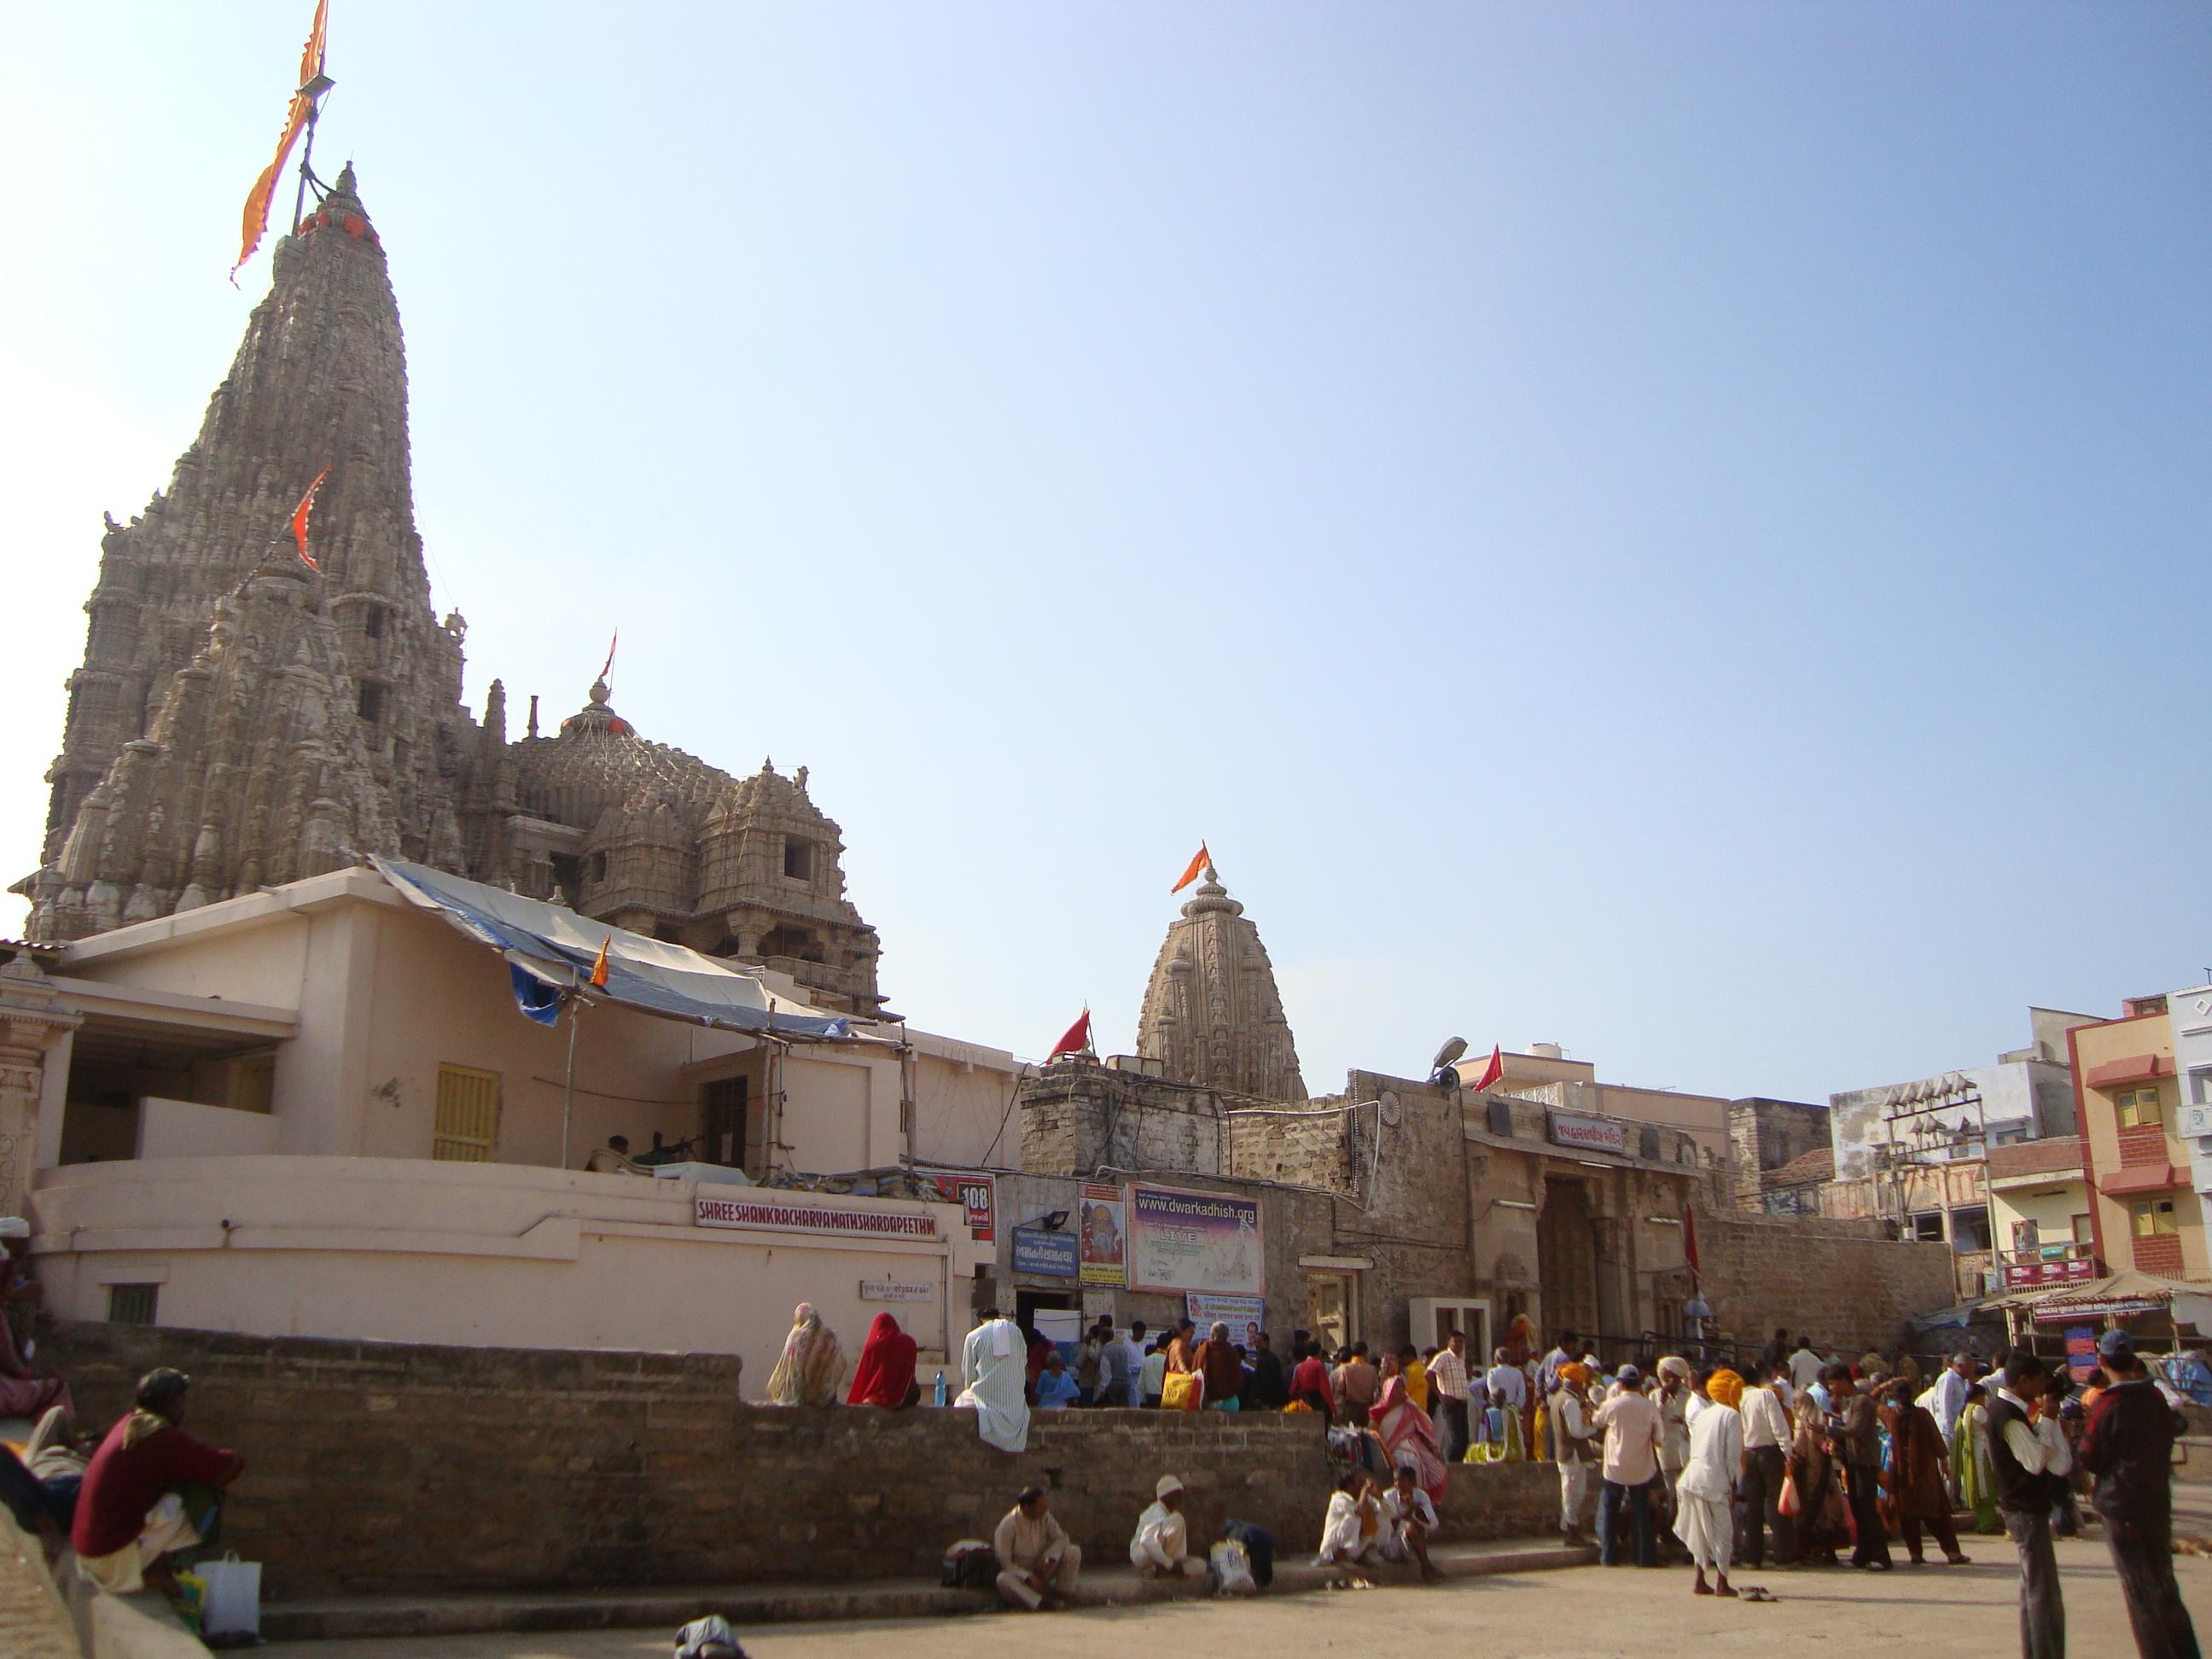 dwarka krishna temple gujarat india flickr photo